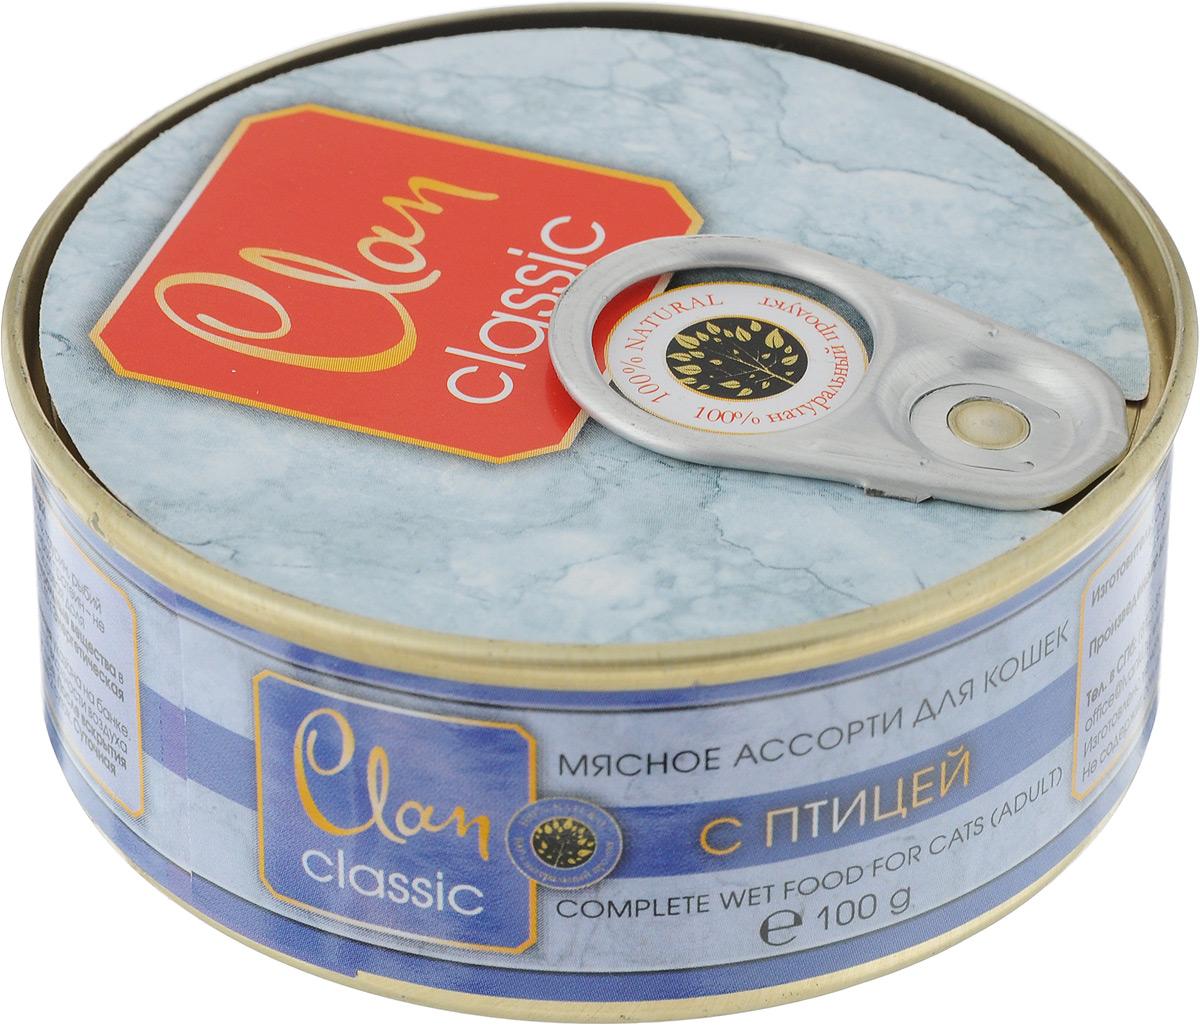 Консервы для взрослых кошек Clan Classic, мясное ассорти с птицей, 100 г130.4.102Clan Classic - влажный корм для каждодневного питания взрослых кошек. Консервы изготовлены из высококачественного мясного сырья. Для производства корма используется щадящая технология, бережно сохраняющая максимум питательных веществ и витаминов, отборное сырье и специально разработанная рецептура, которая обеспечивает продукции изысканный деликатесный вкус и ярко выраженный аромат. Товар сертифицирован.